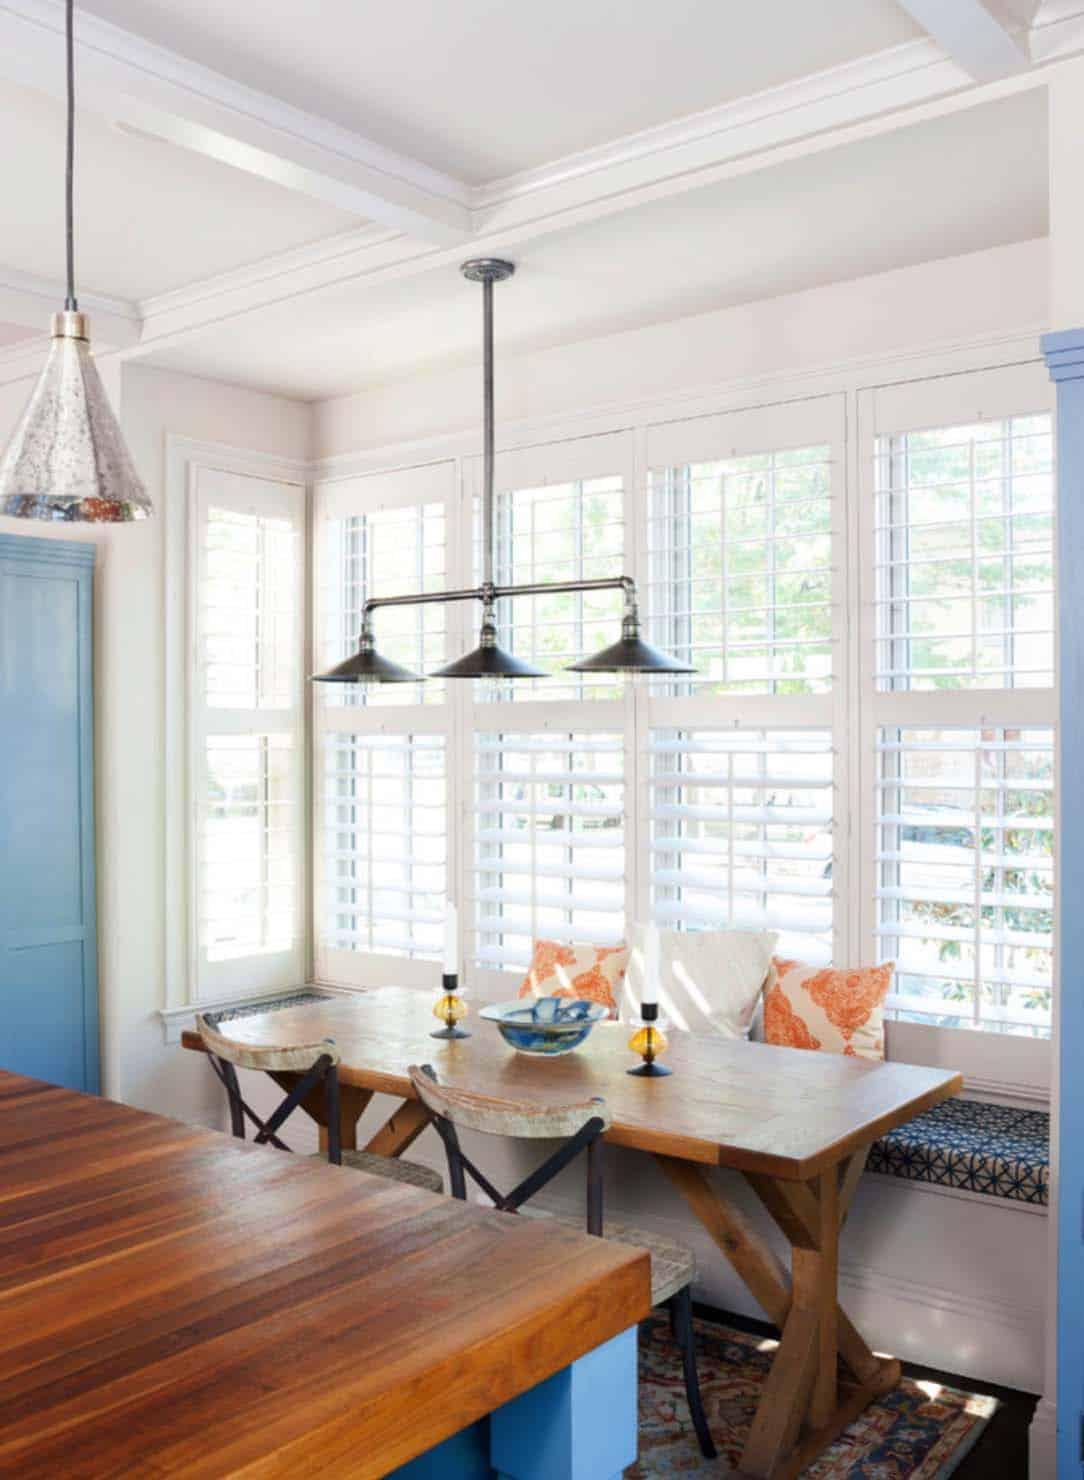 Rénovation de maison de style transitionnel-Lawlor Architects-06-1 Kindesign